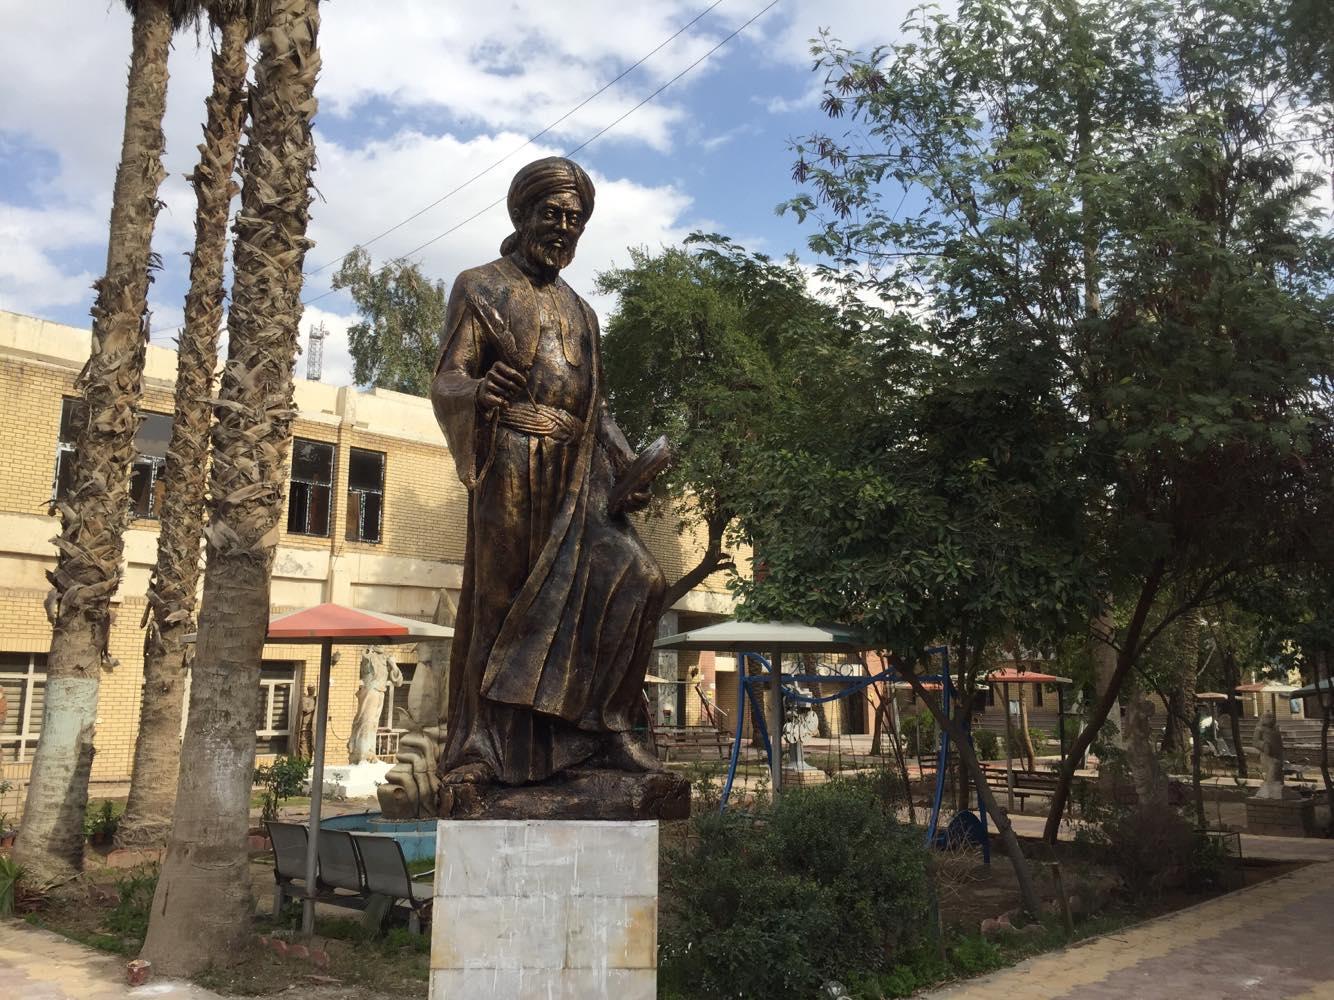 صيانة تمثال يحيى الواسطي في كلية الفنون الجميلة